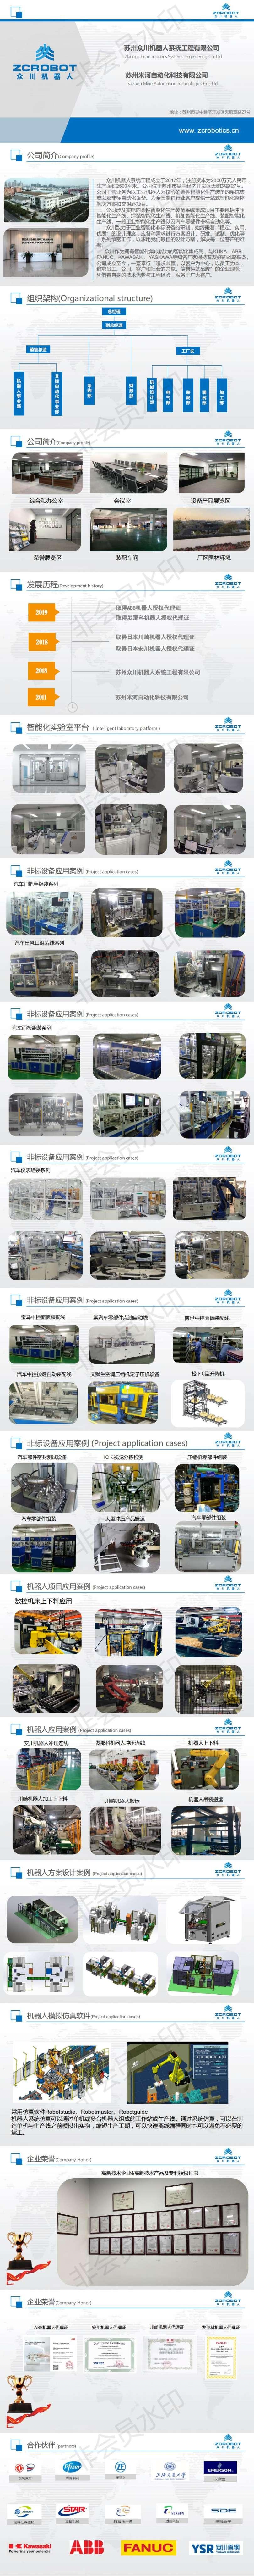 苏州众川机器人系统工程有限公司简介20200.V1.0_0.jpg